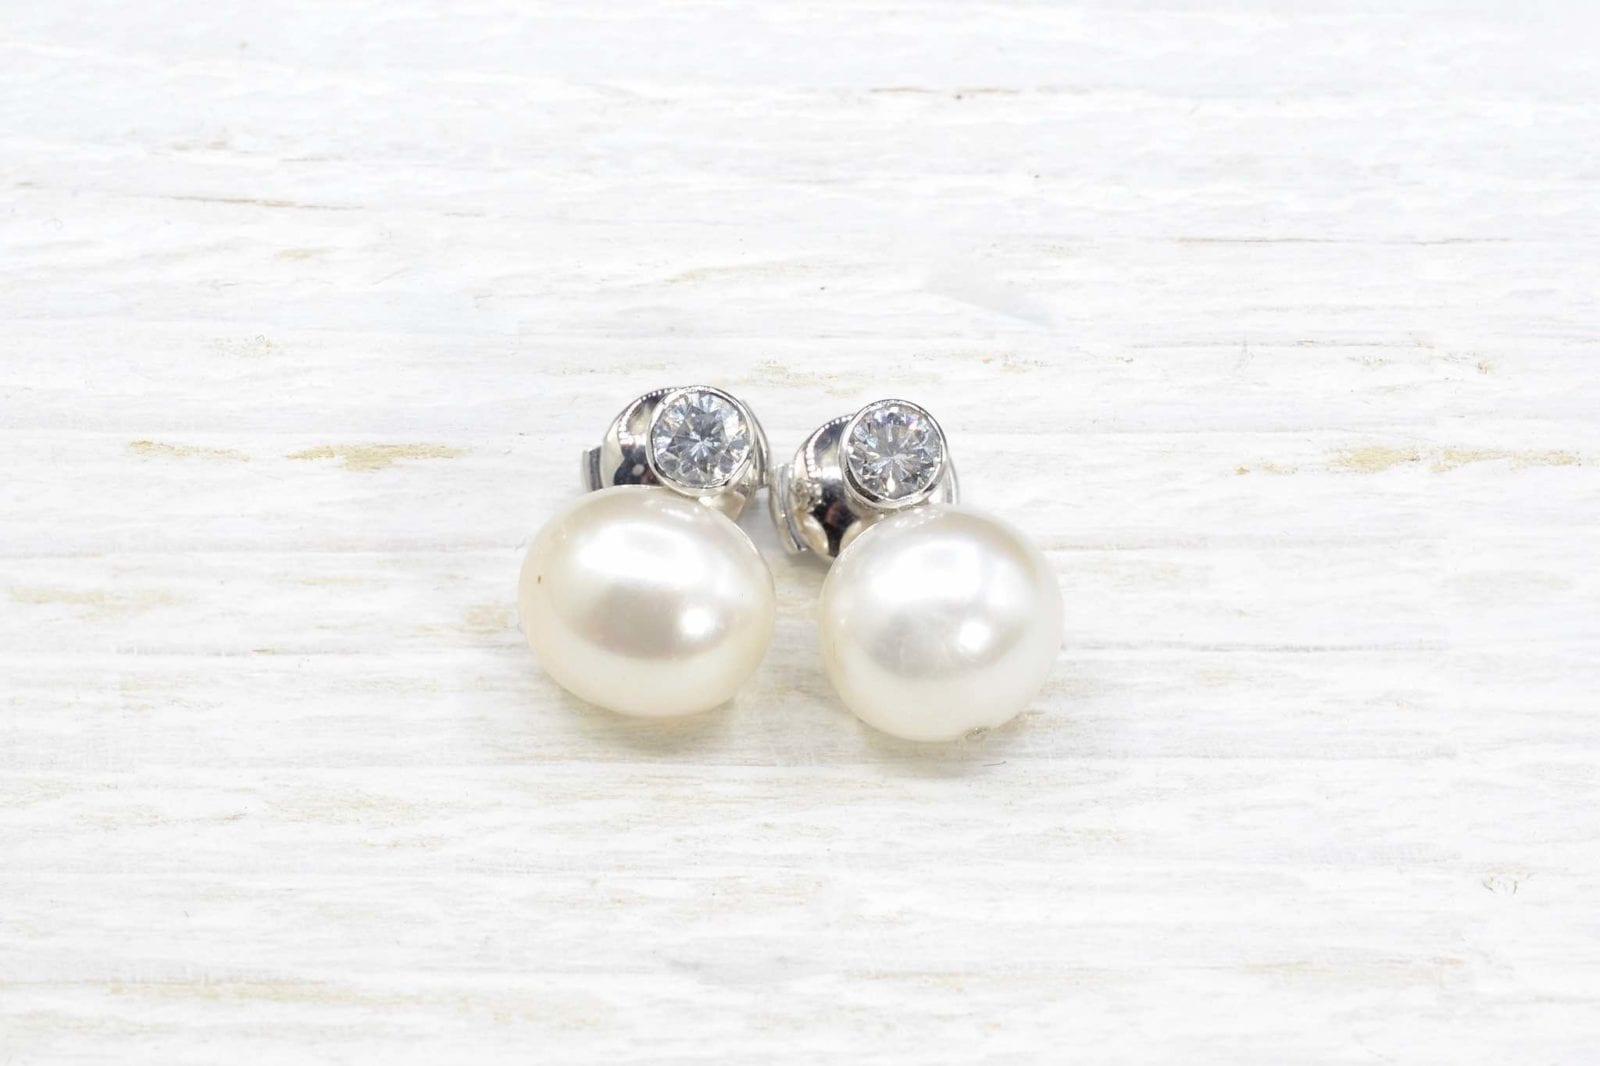 Boucles d'oreilles perles et diamants en or blanc 18k.